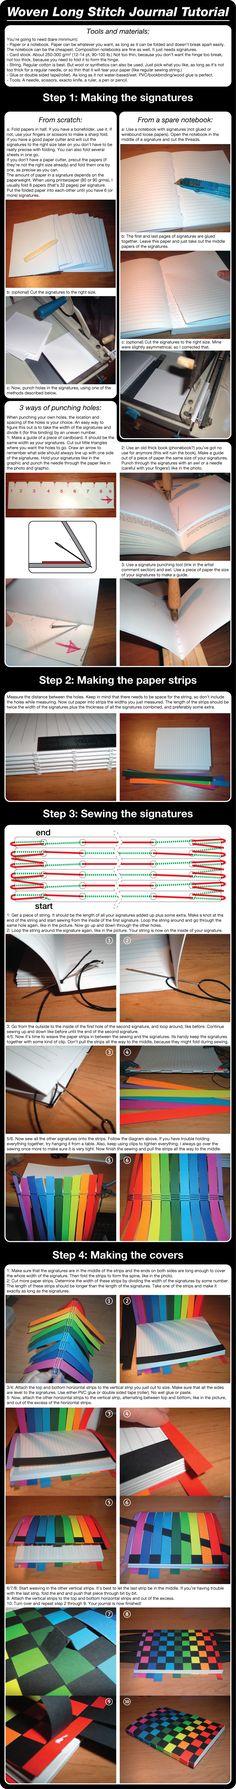 Rainbow Book Tutorial by Marenne.deviantart.com on @deviantART